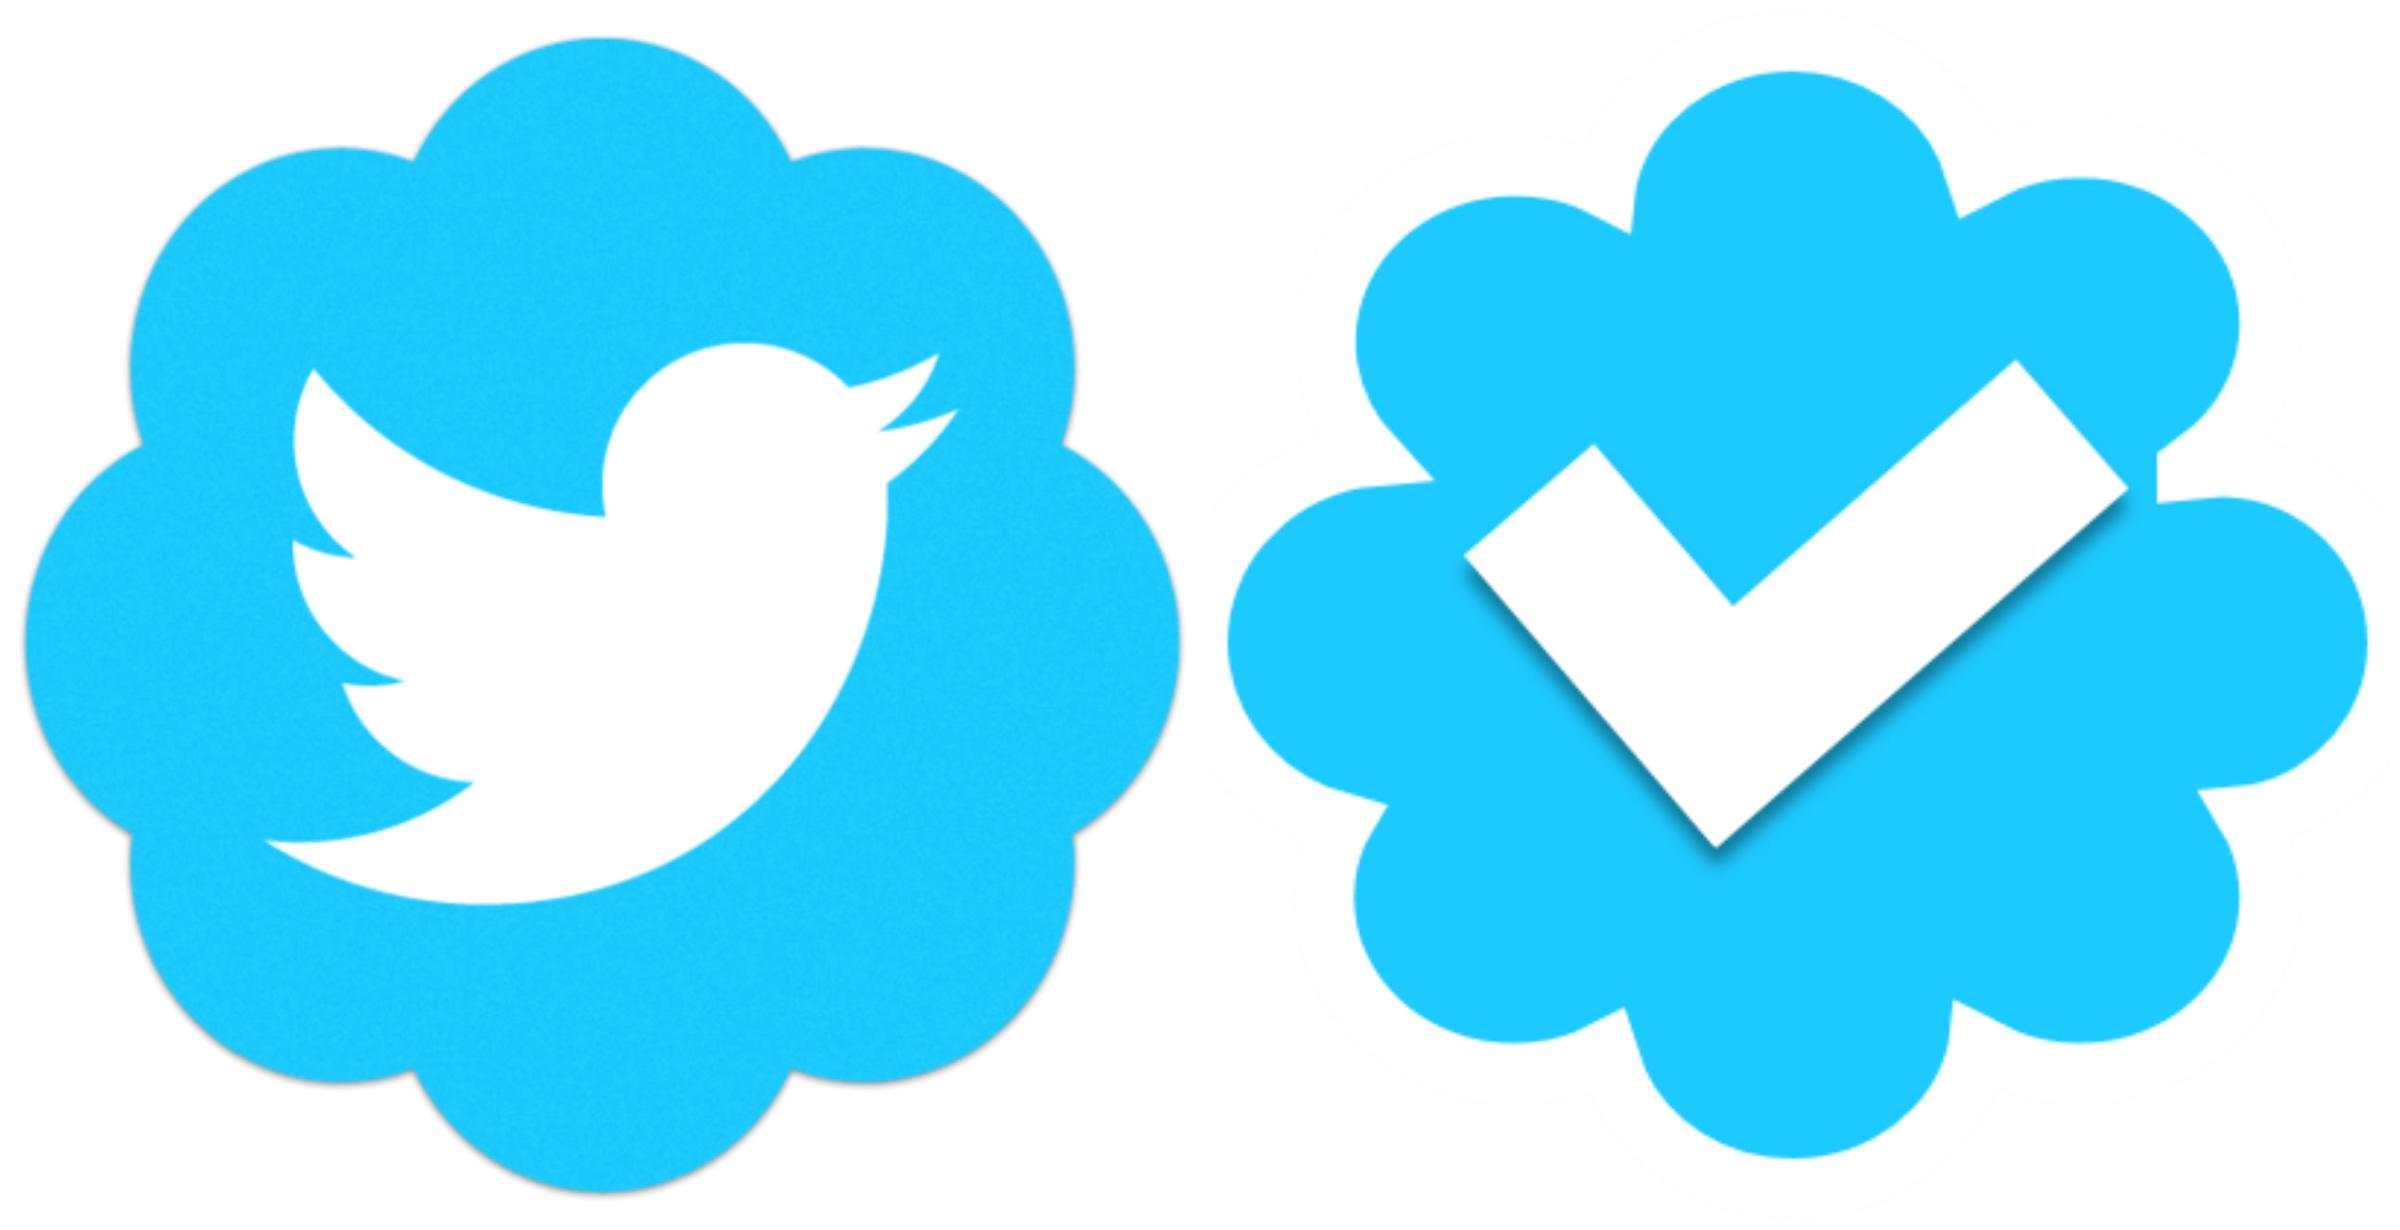 تويتر تتيح توثيق الحساب للجميع